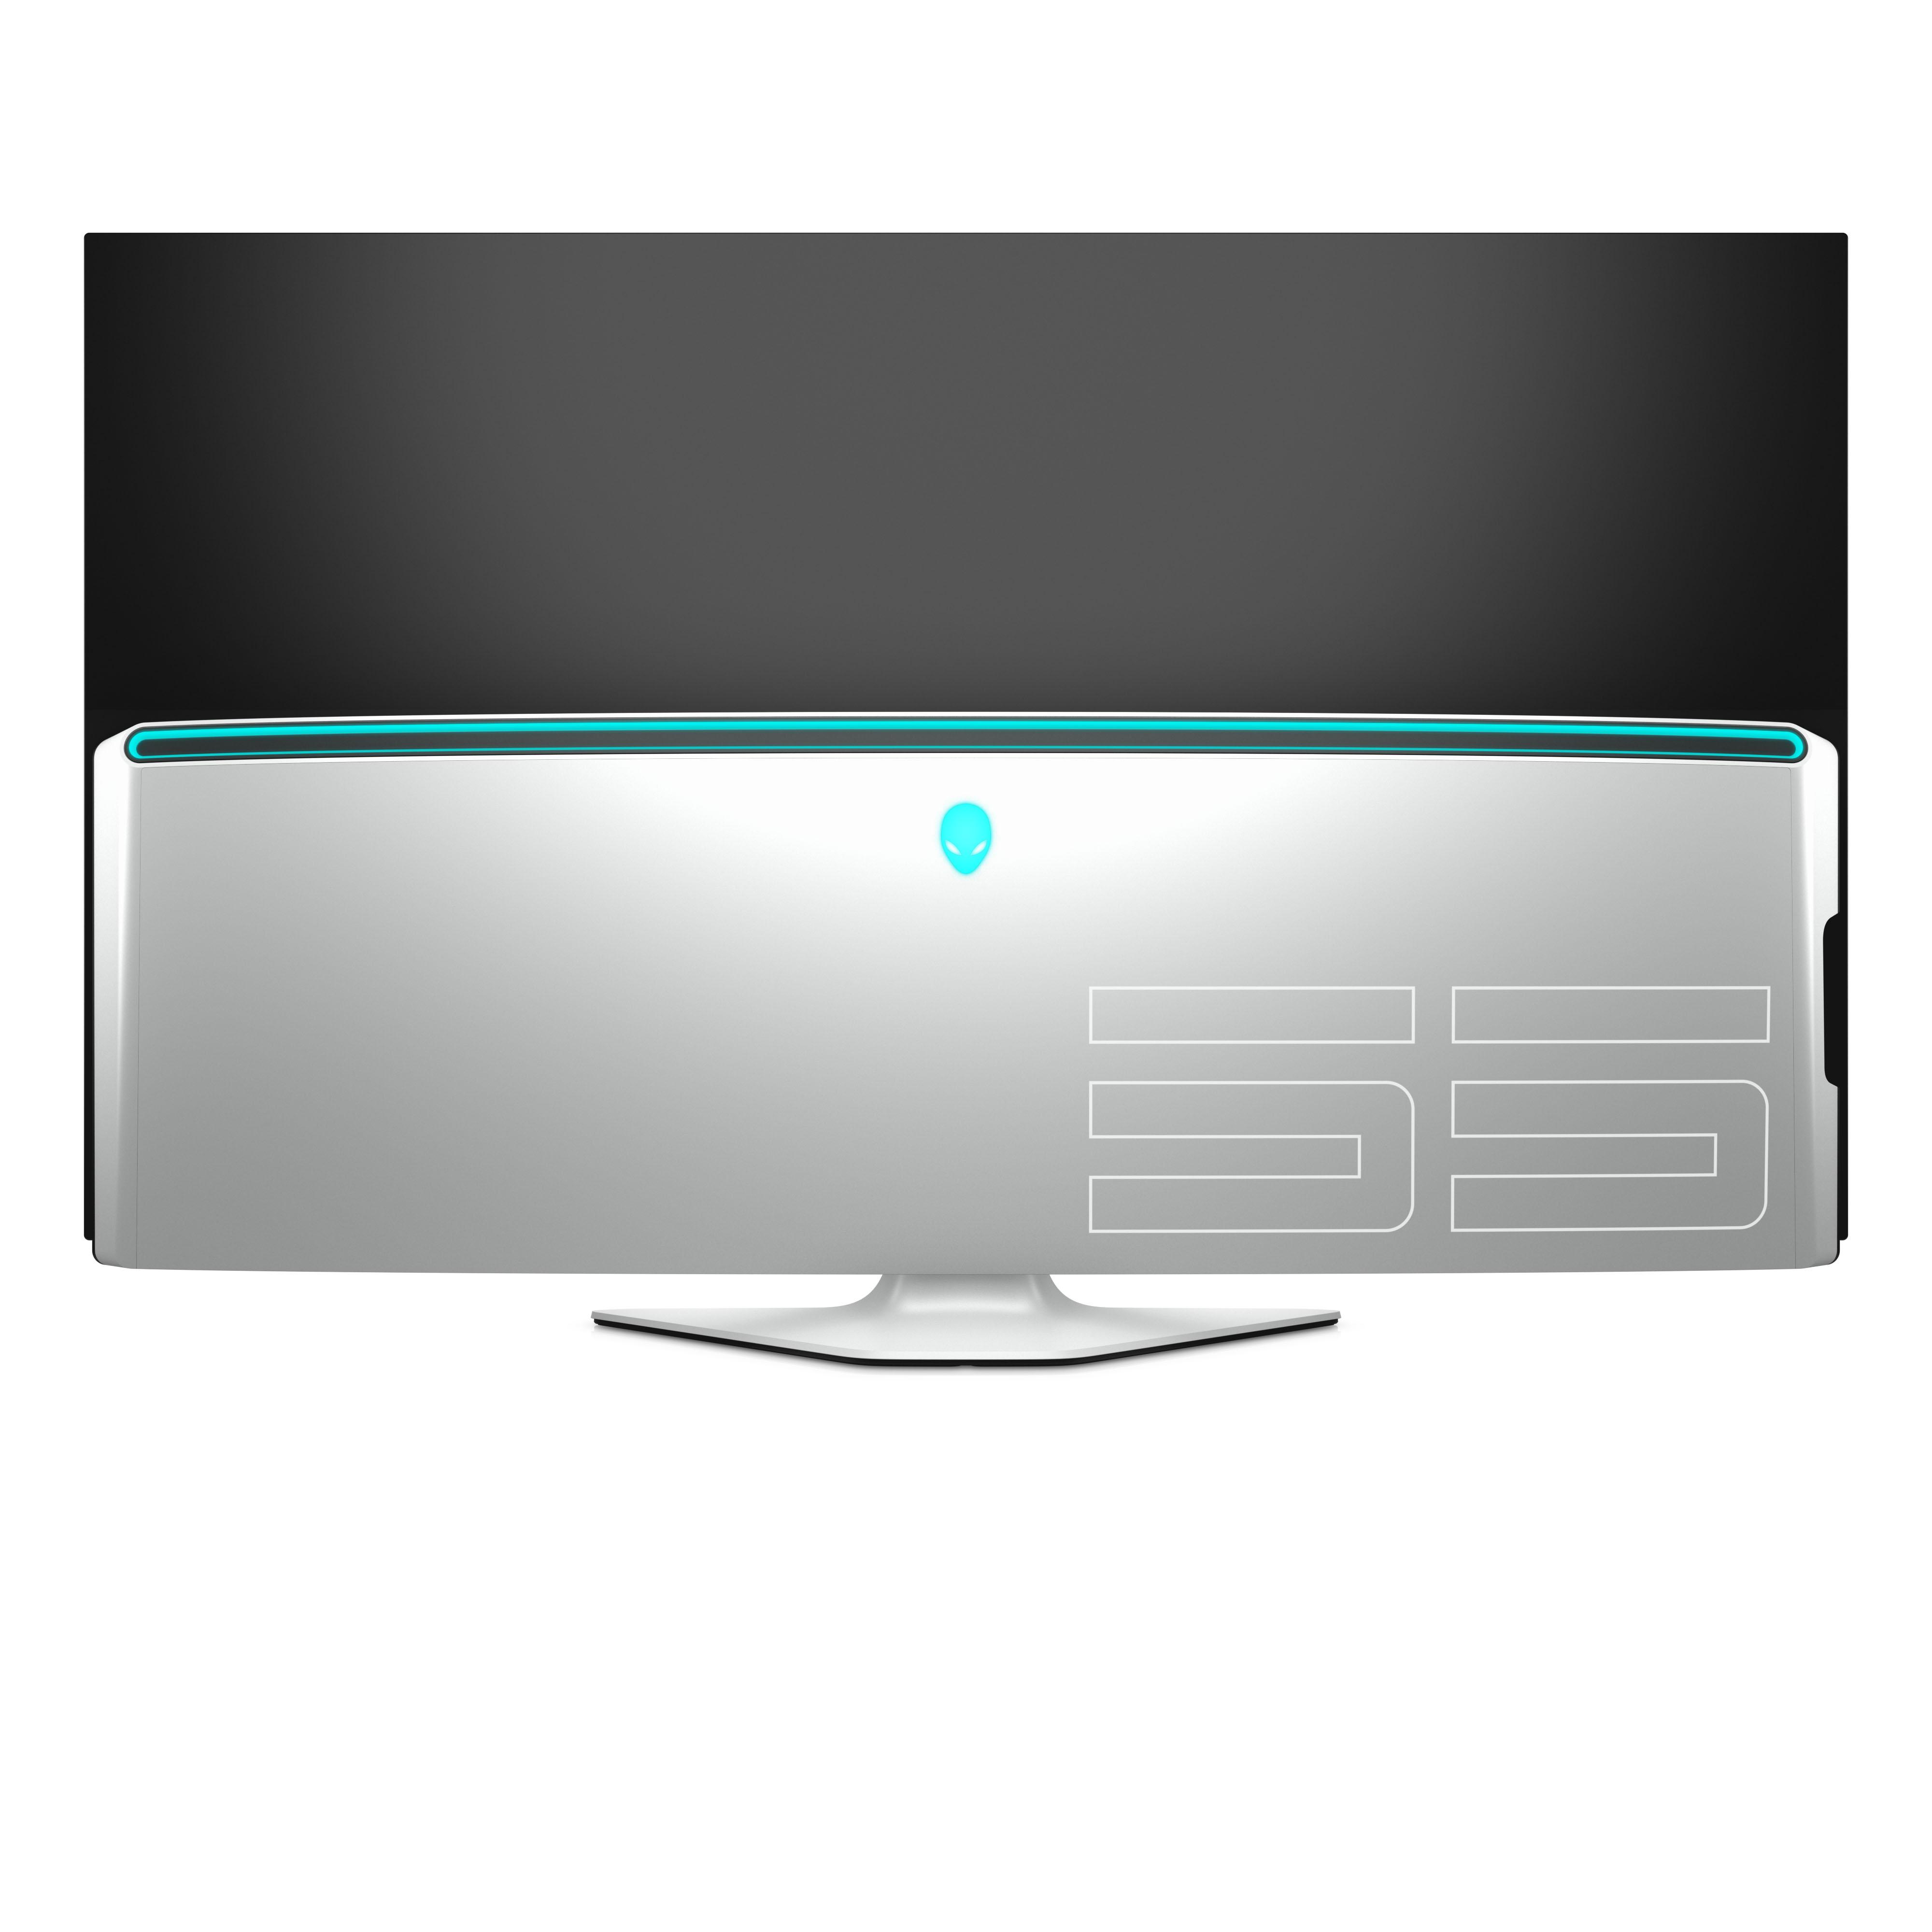 Alienware's 55